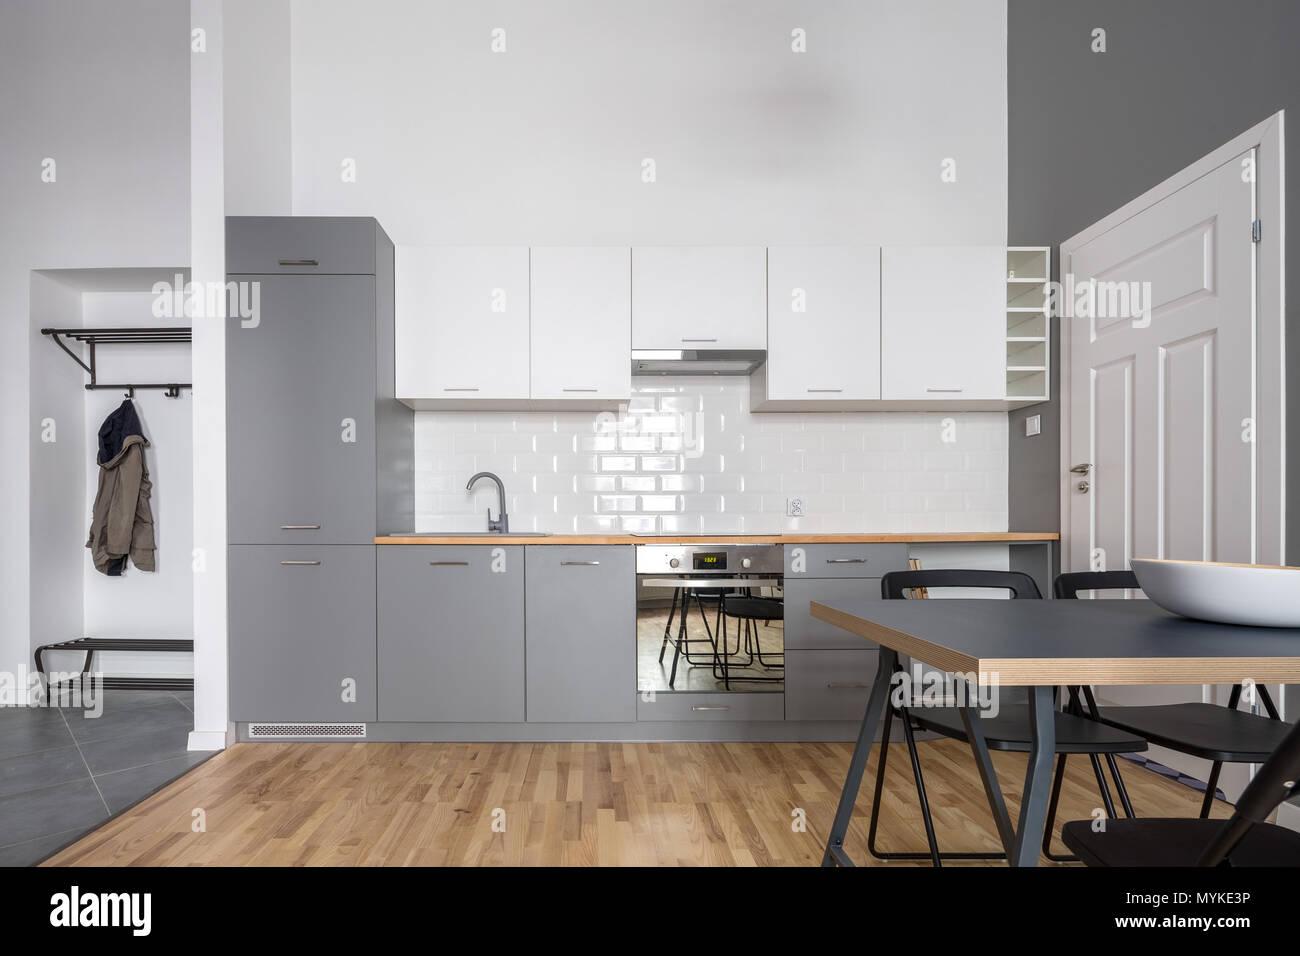 Offene Küche in Grau und Weiß mit Einfache Tabelle Stockfoto, Bild ...